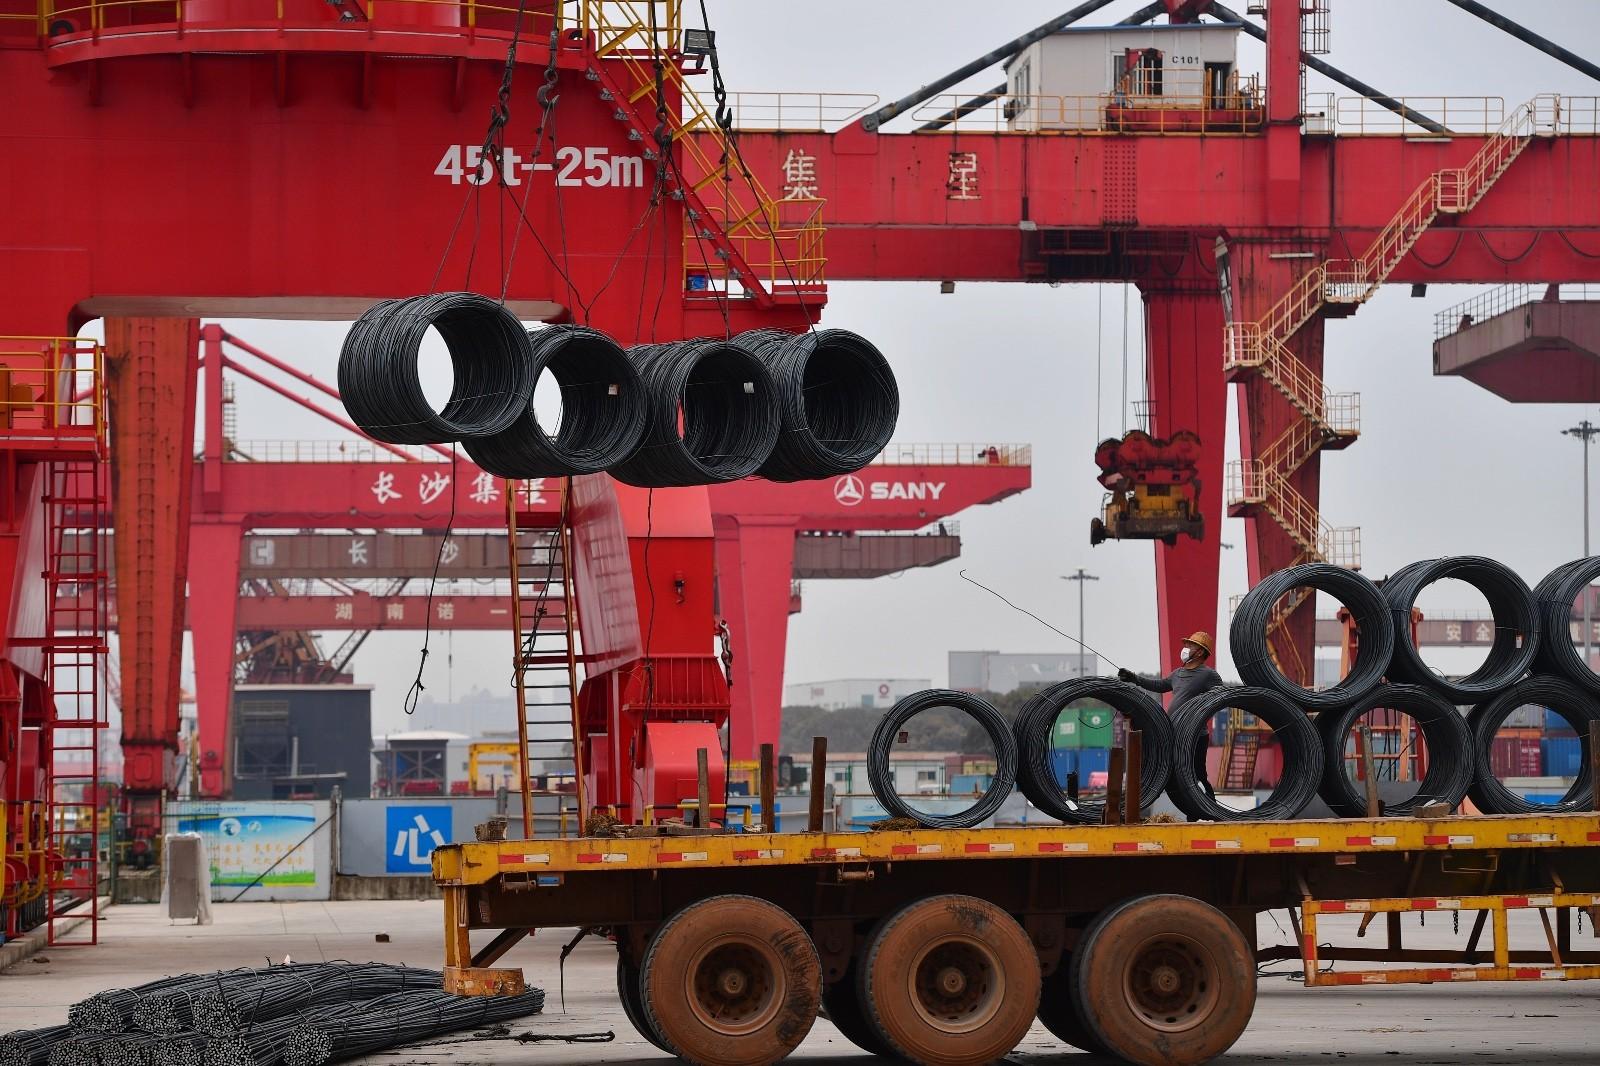 长沙新港码头生产作业一片繁忙。 长沙晚报全媒体记者 王志伟 摄